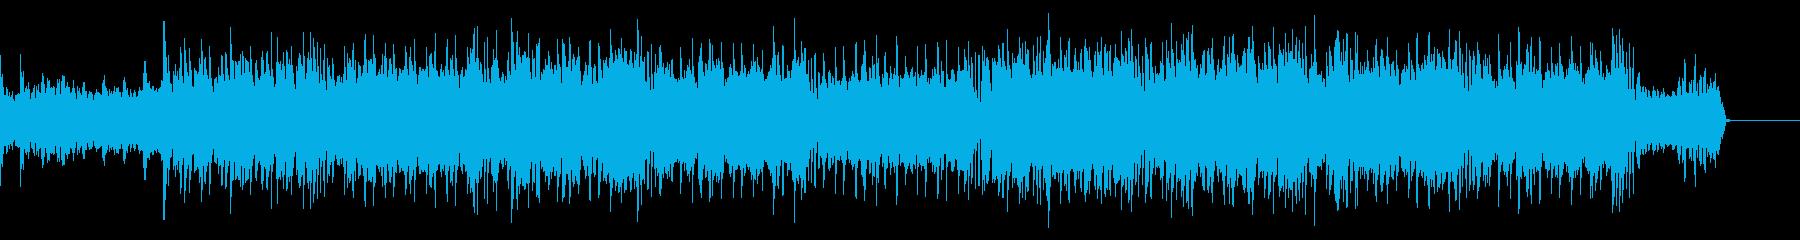 懐かしい横スクロールシュー音楽の再生済みの波形